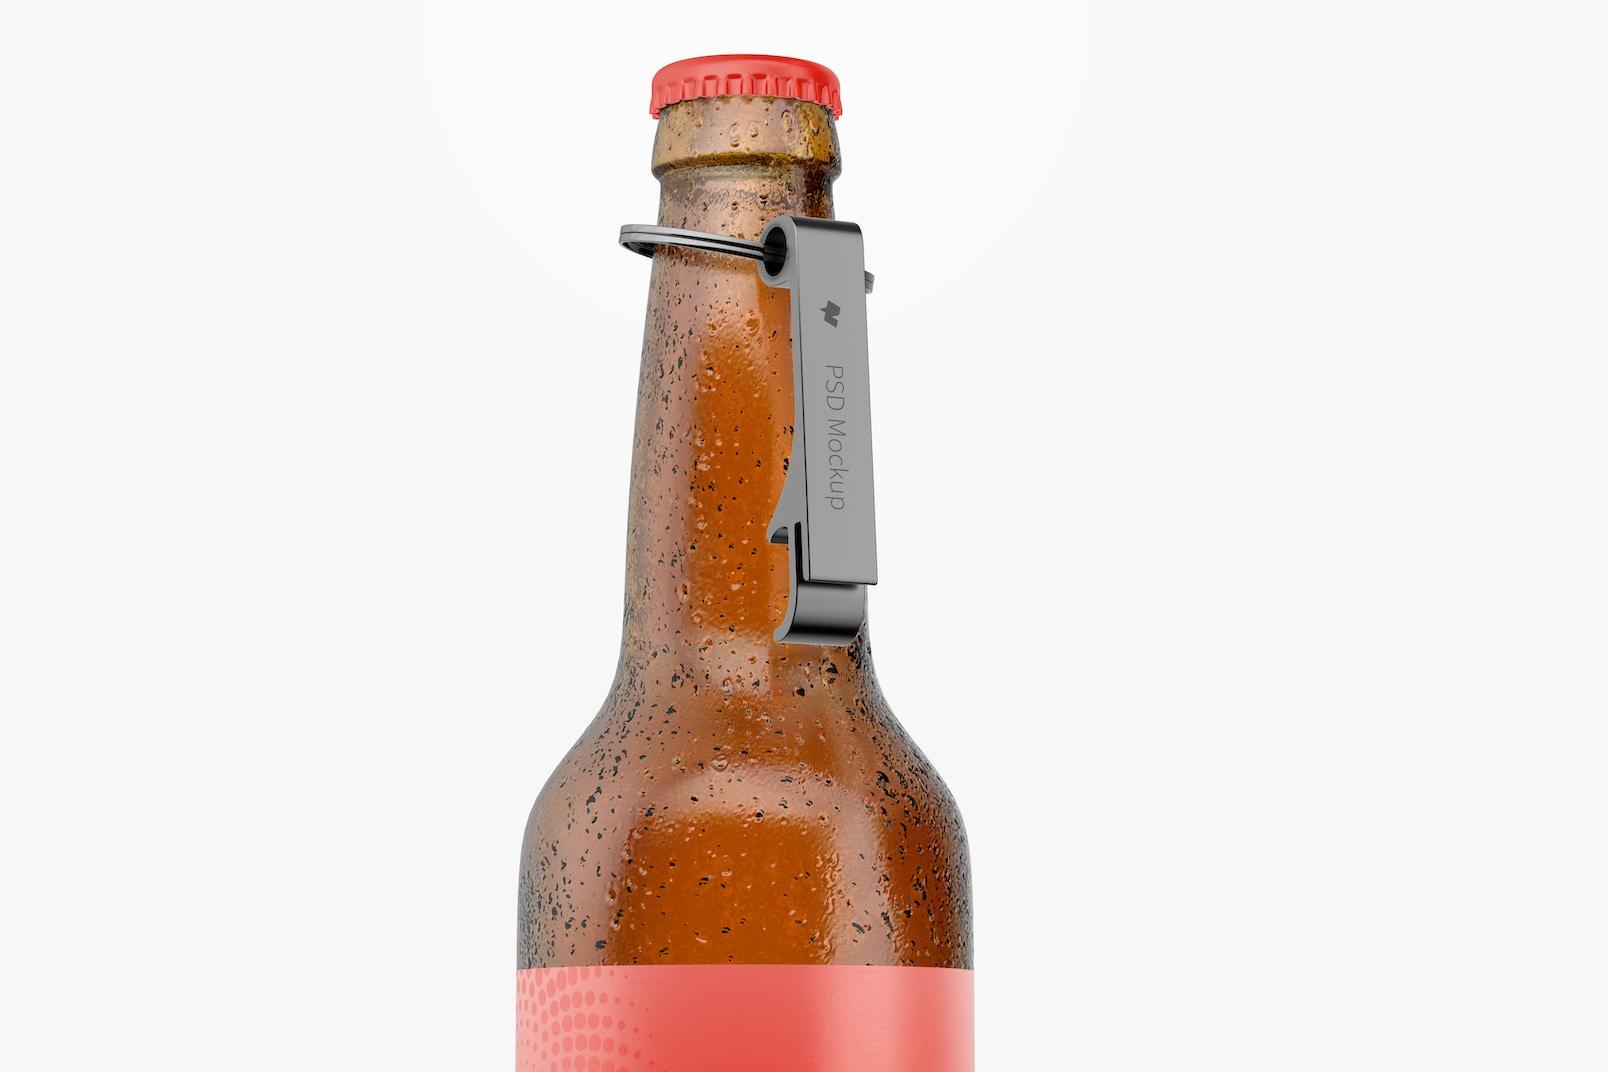 Aluminium Bottle Opener on Bottle Mockup